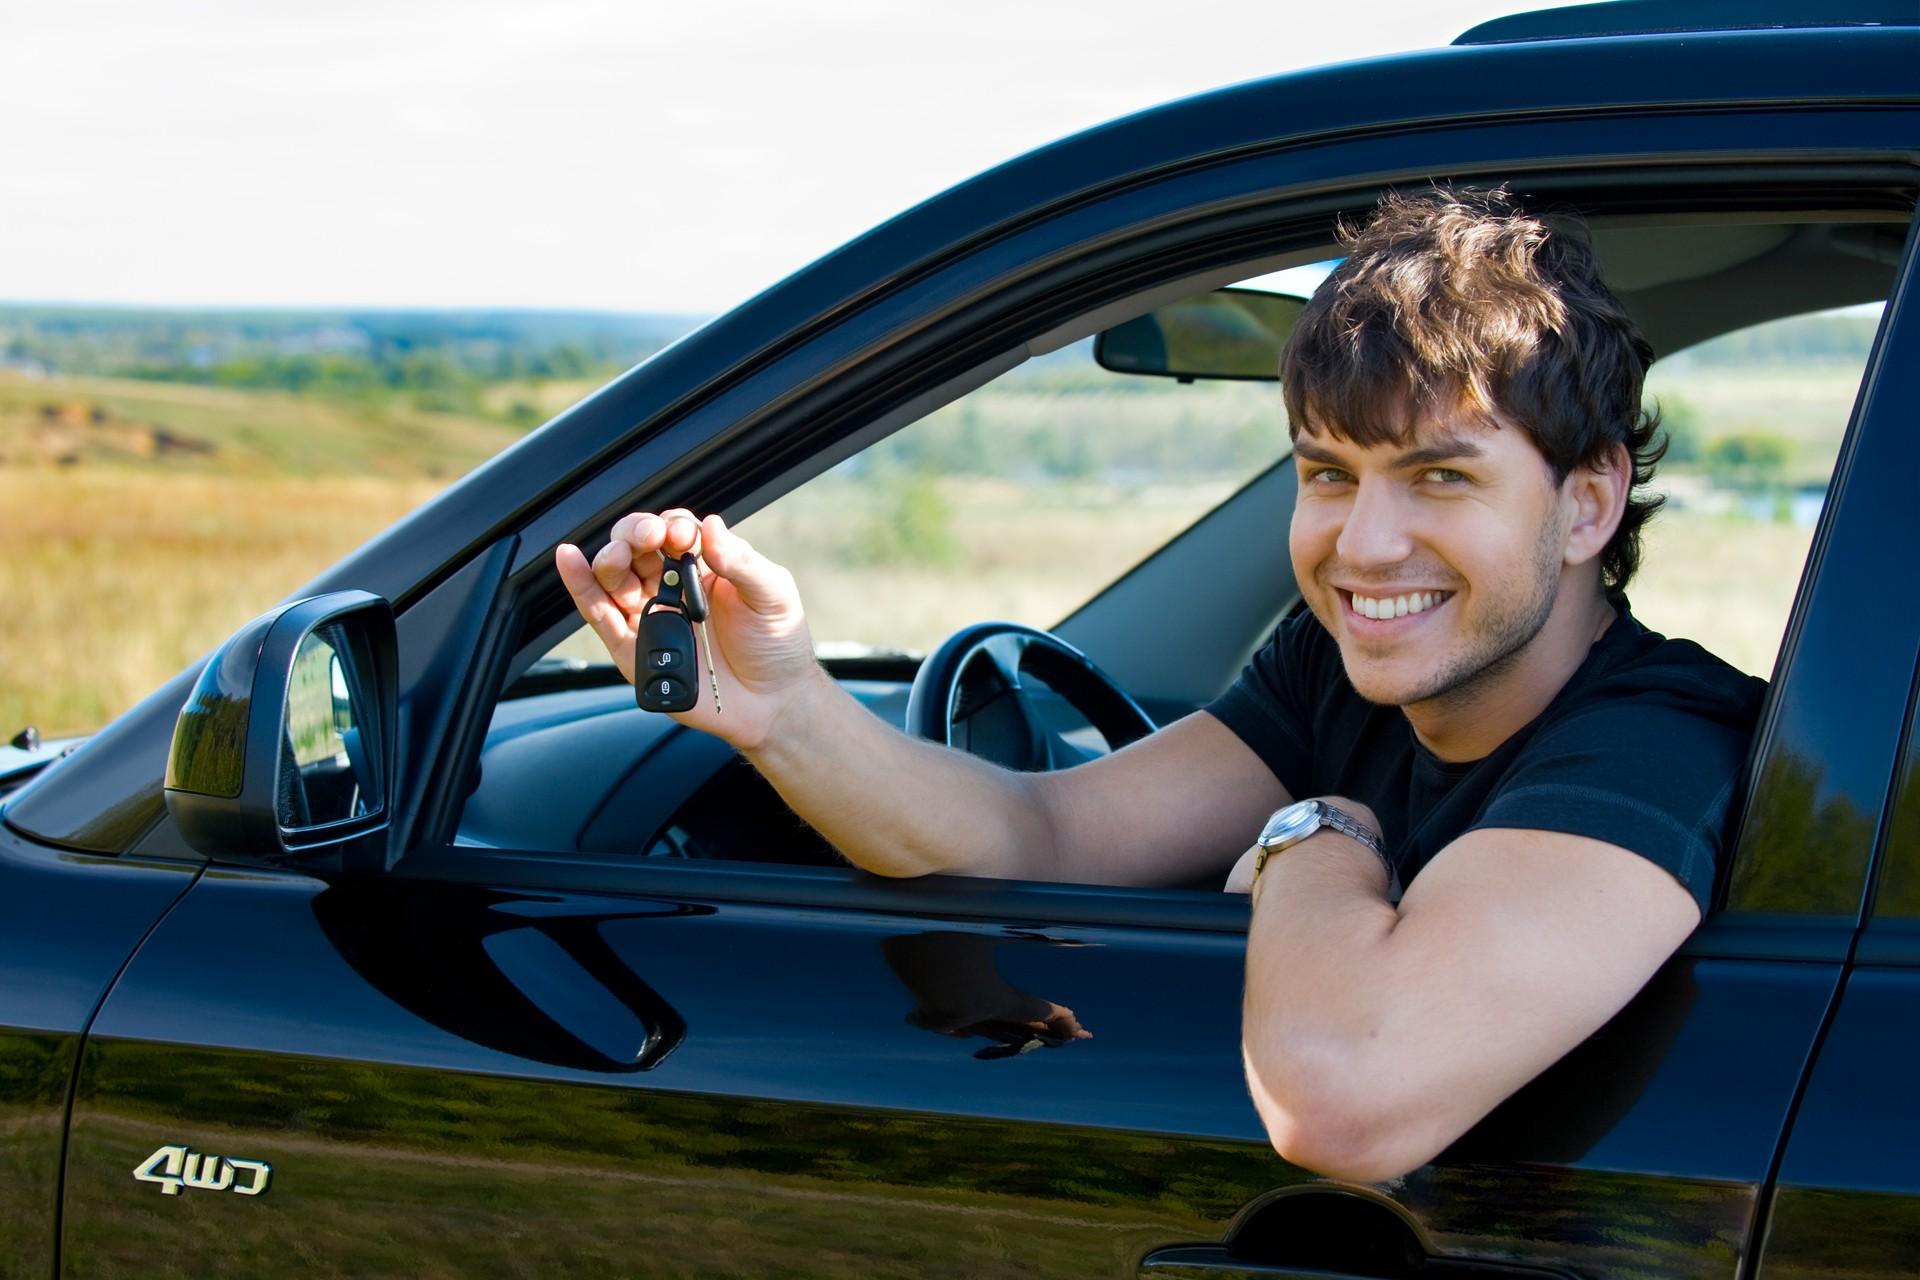 фото одного мужчины на машине акрил или пластик